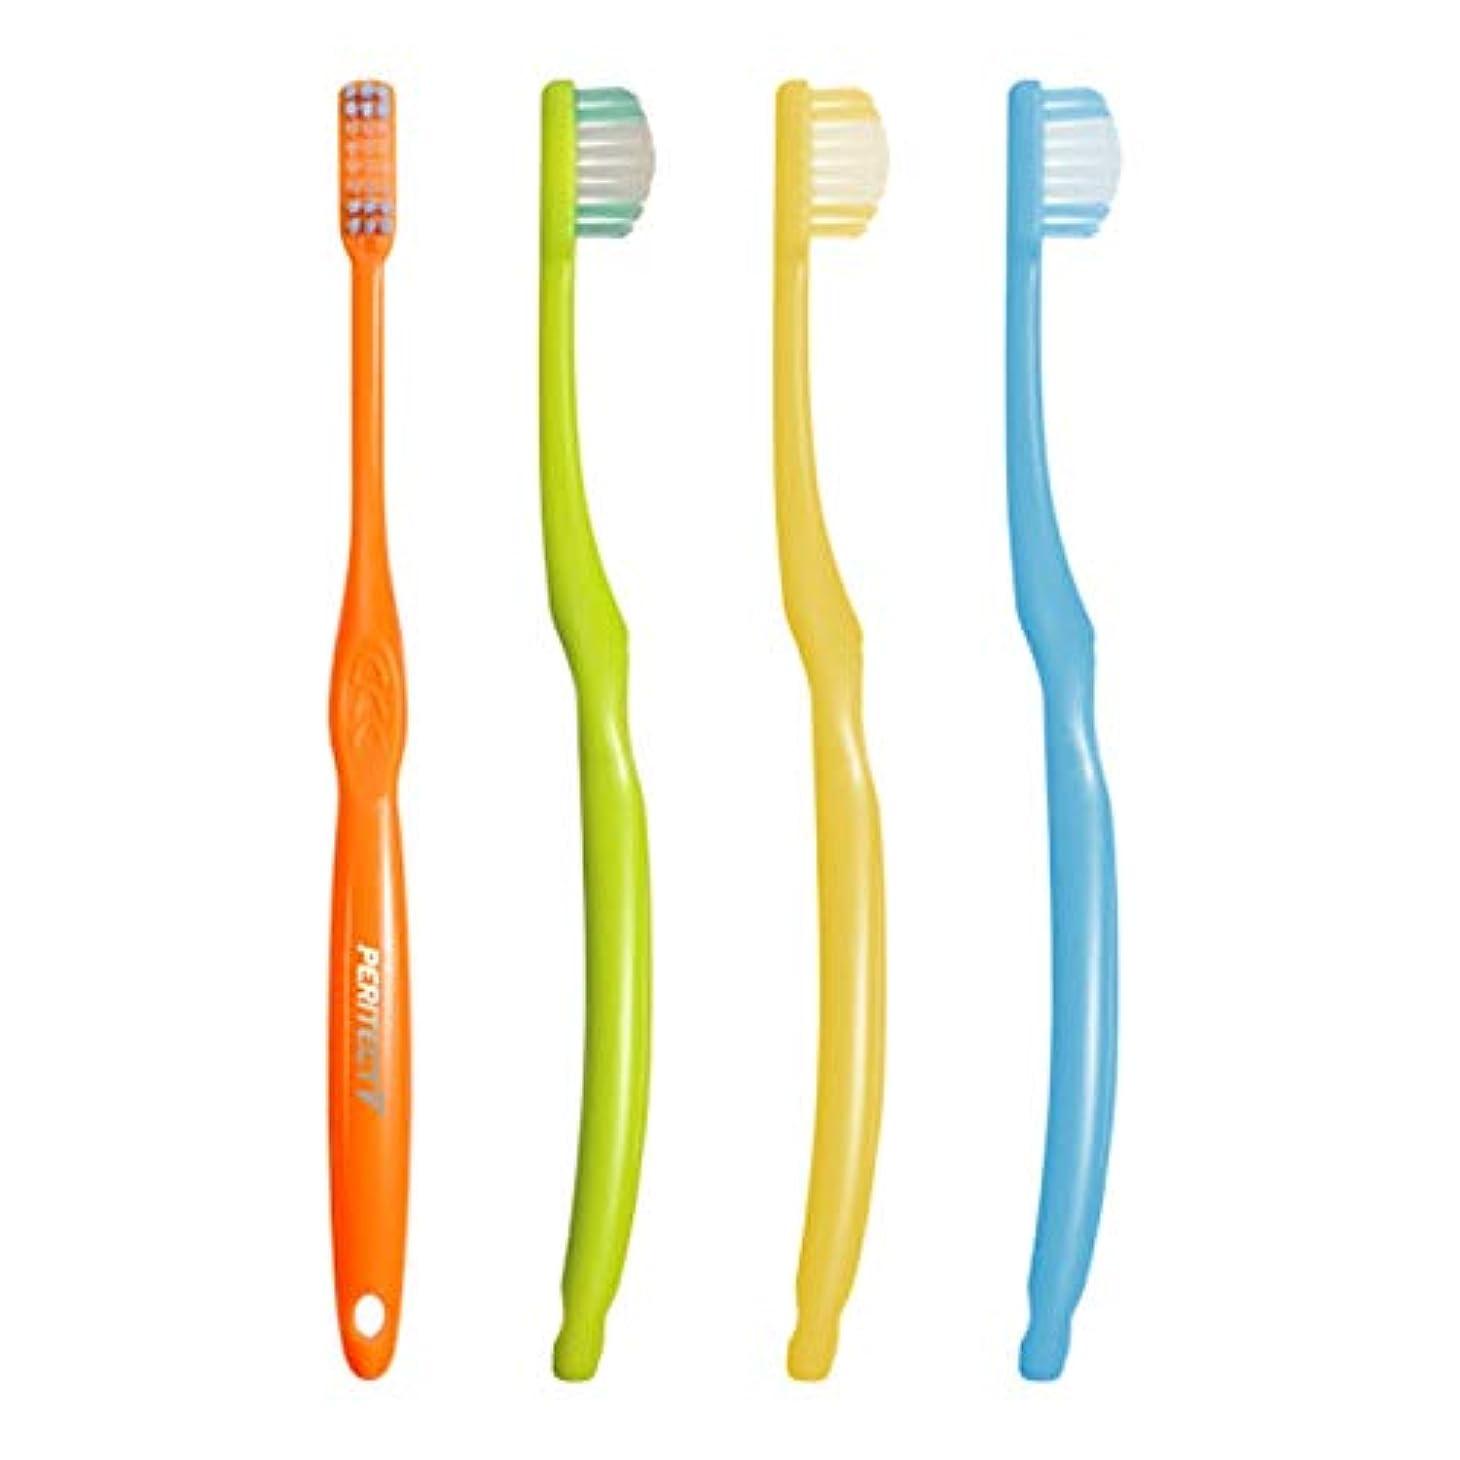 生き返らせる構成員一致ビーブランド PERITECT V ペリテクト ブイ 6M(やわらかめ)×10本 ハブラシ 歯周病予防 歯科専売品